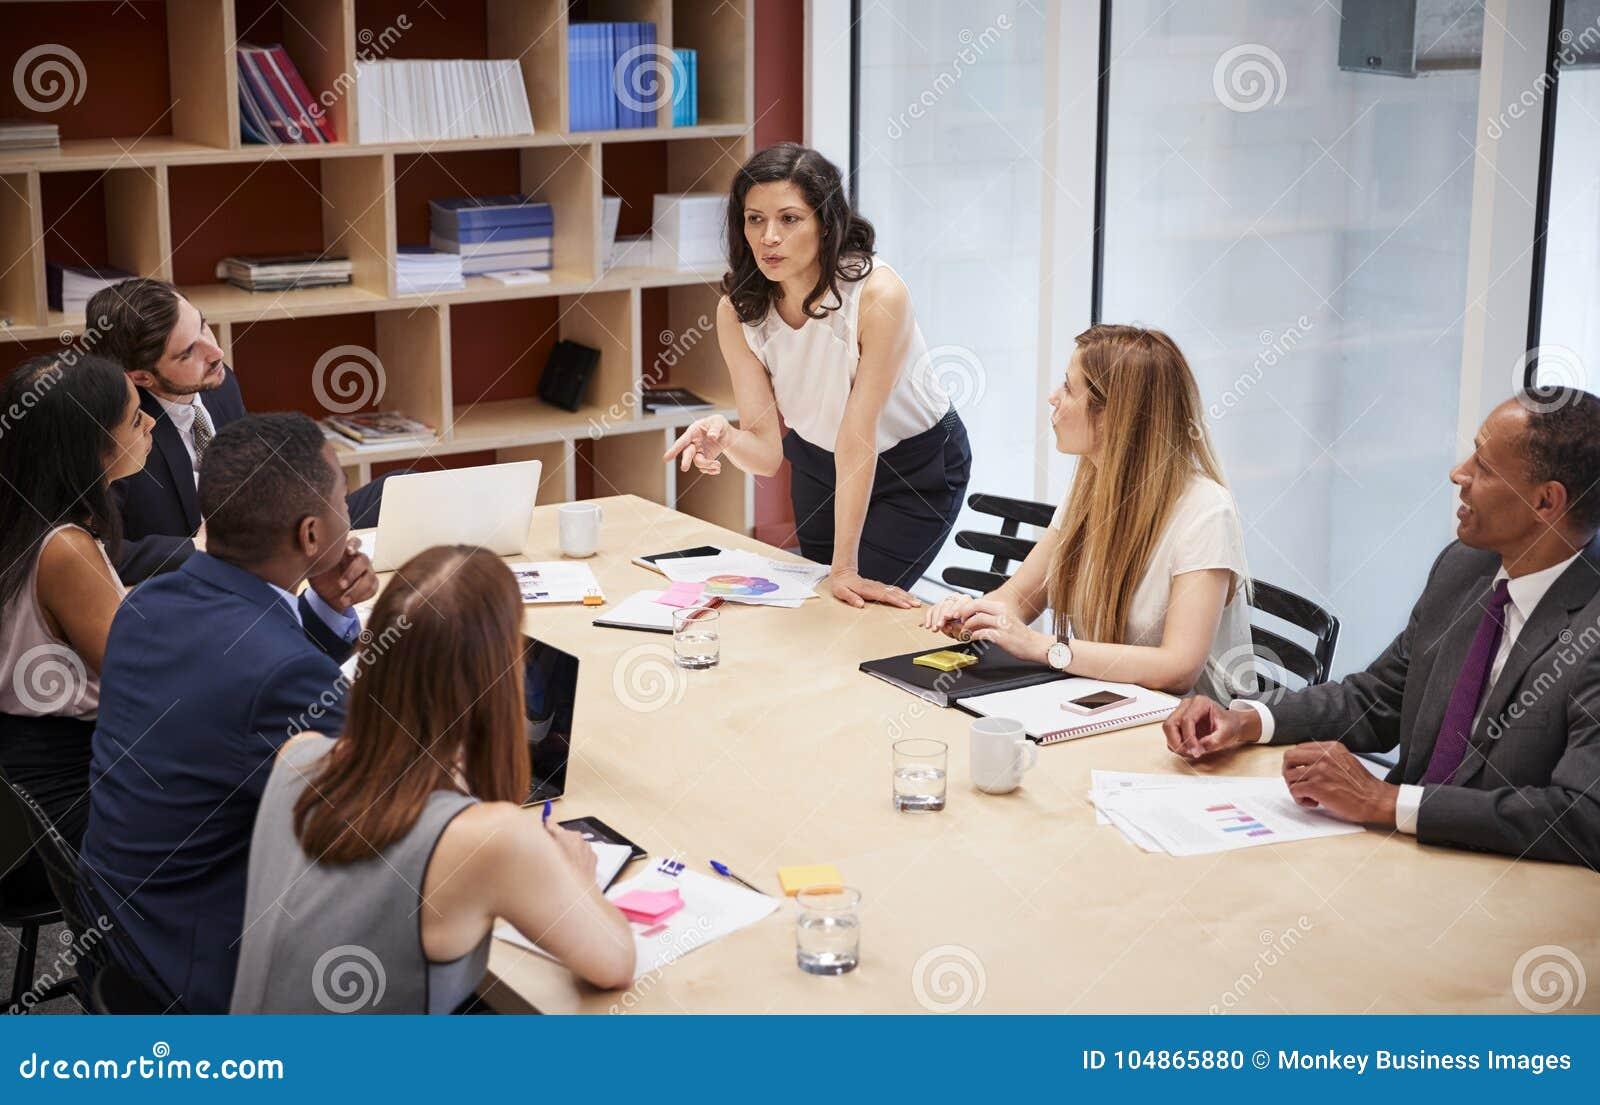 De vrouwelijke manager bevindt zich richtend team op bestuurskamervergadering